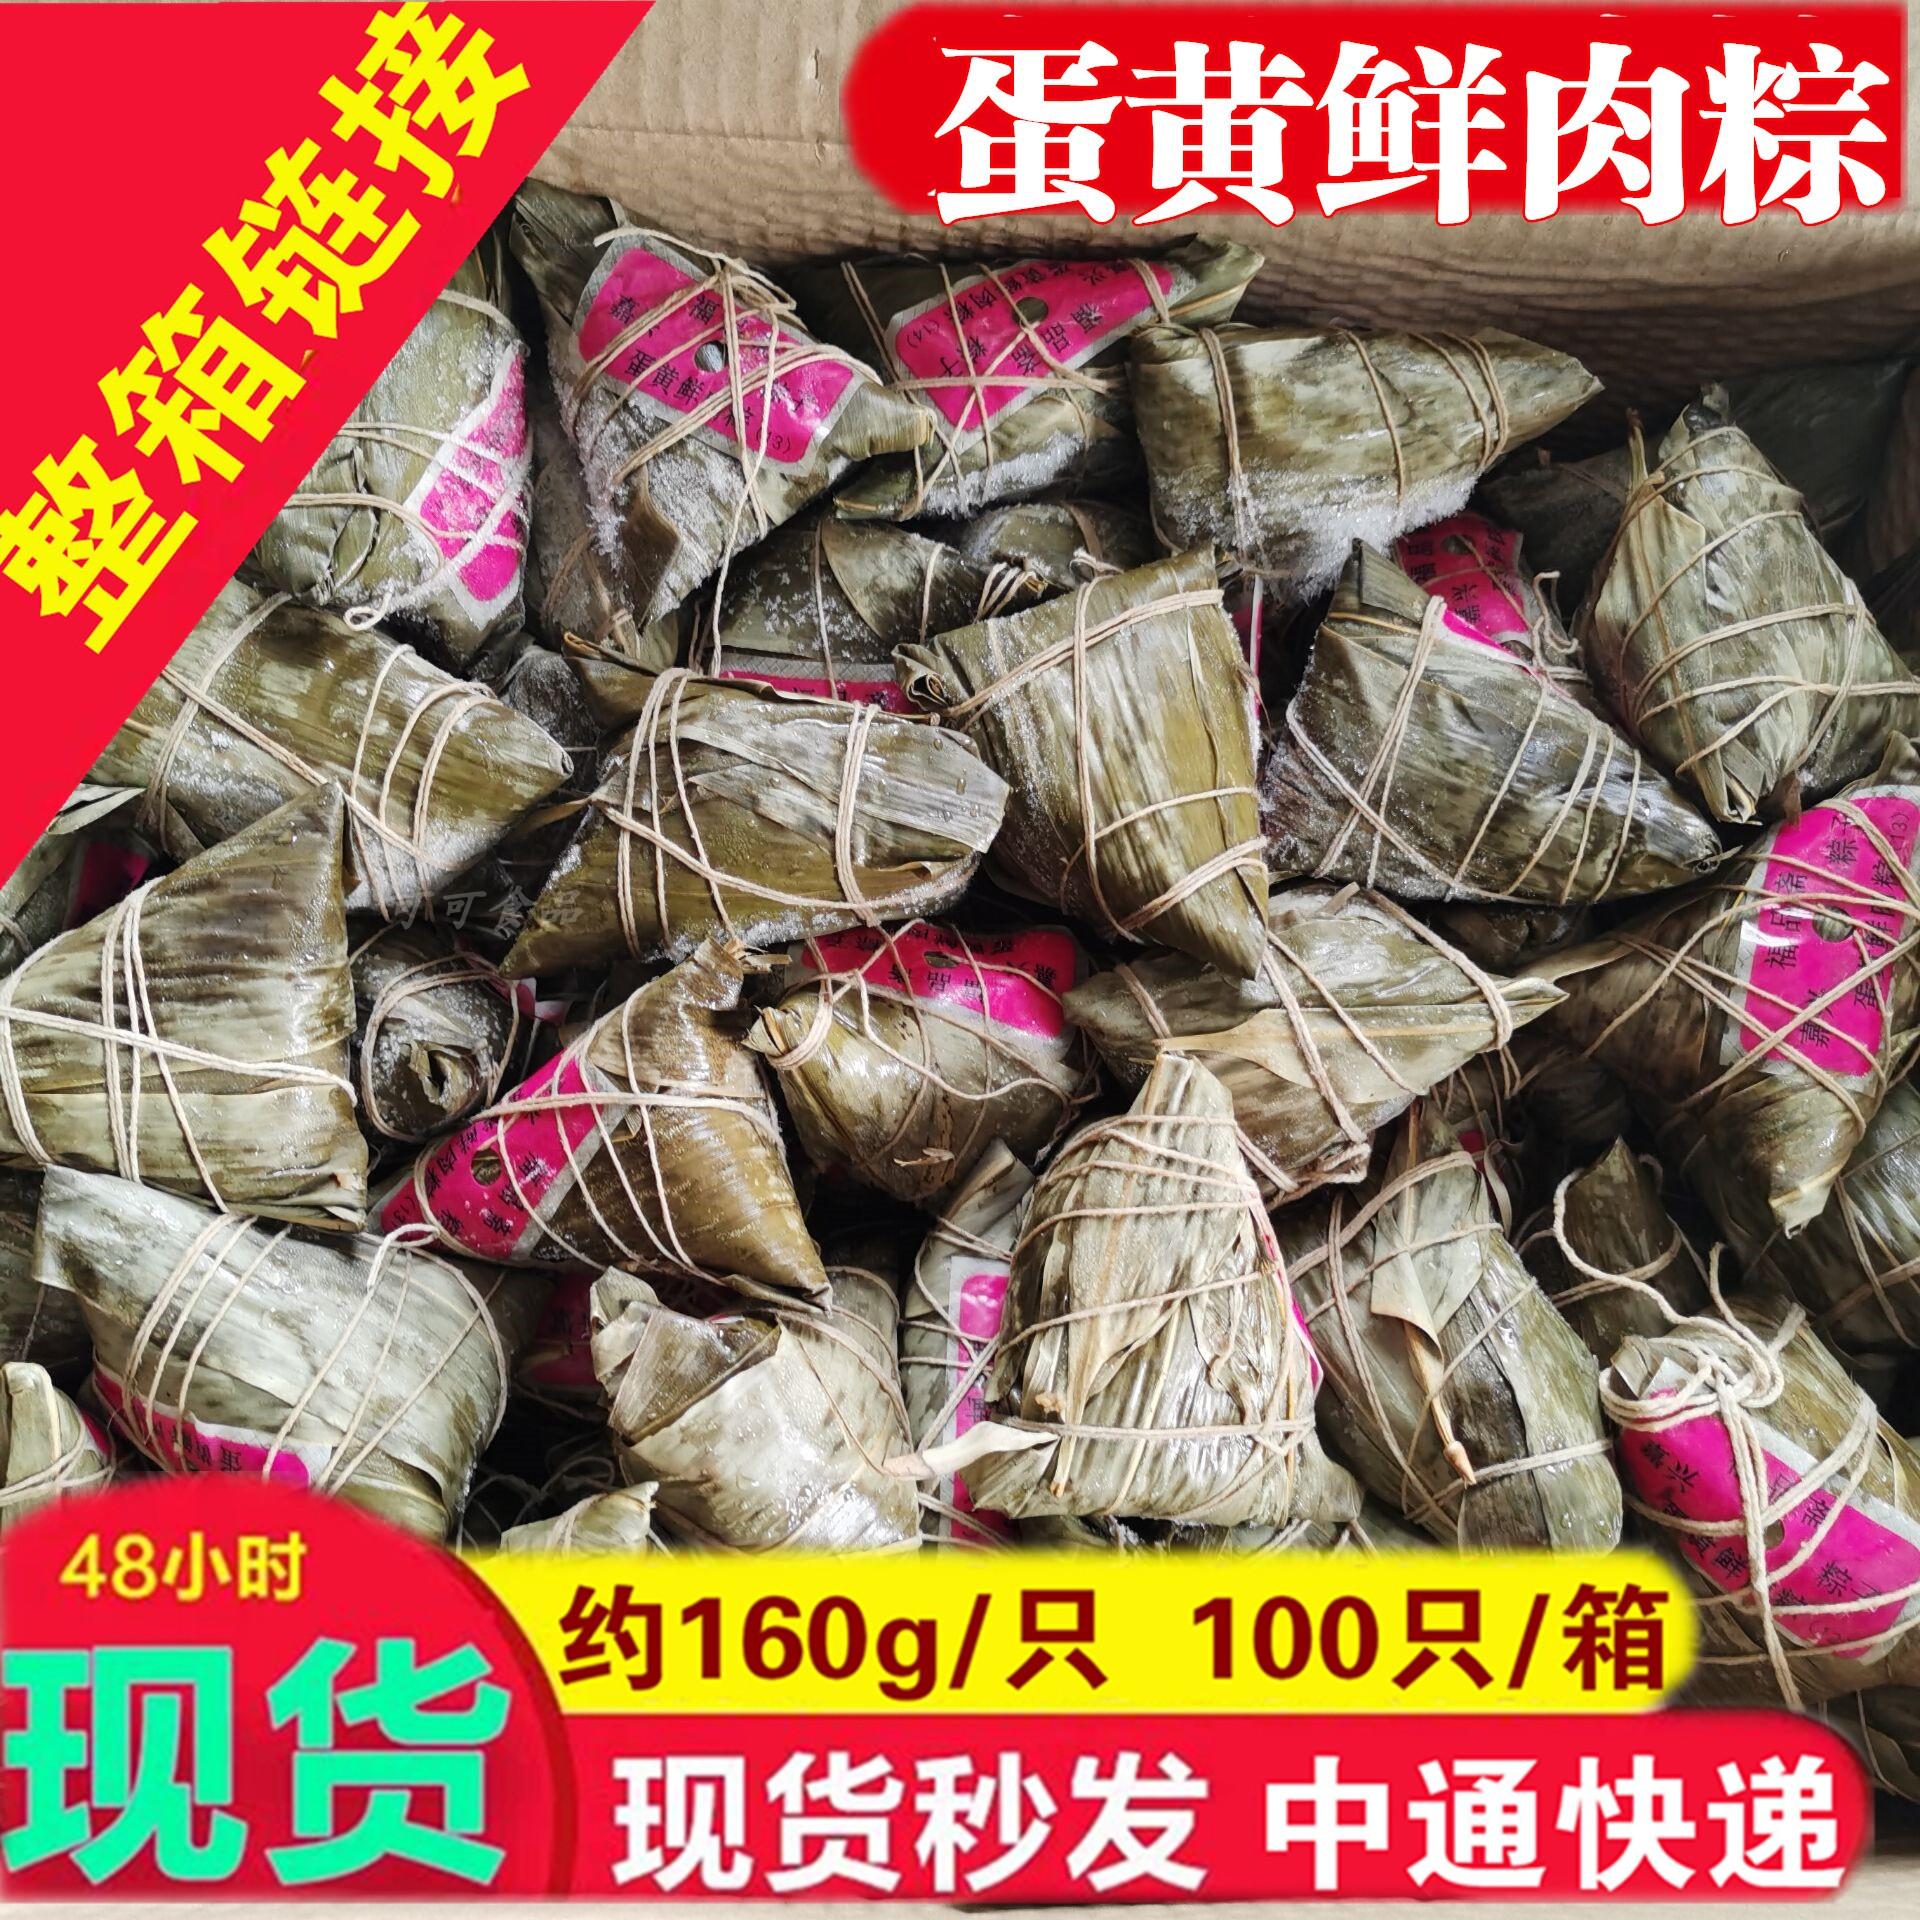 嘉兴粽子 蛋黄肉粽 肉粽 鲜肉粽 160g*100个散装 整箱 端午节粽子